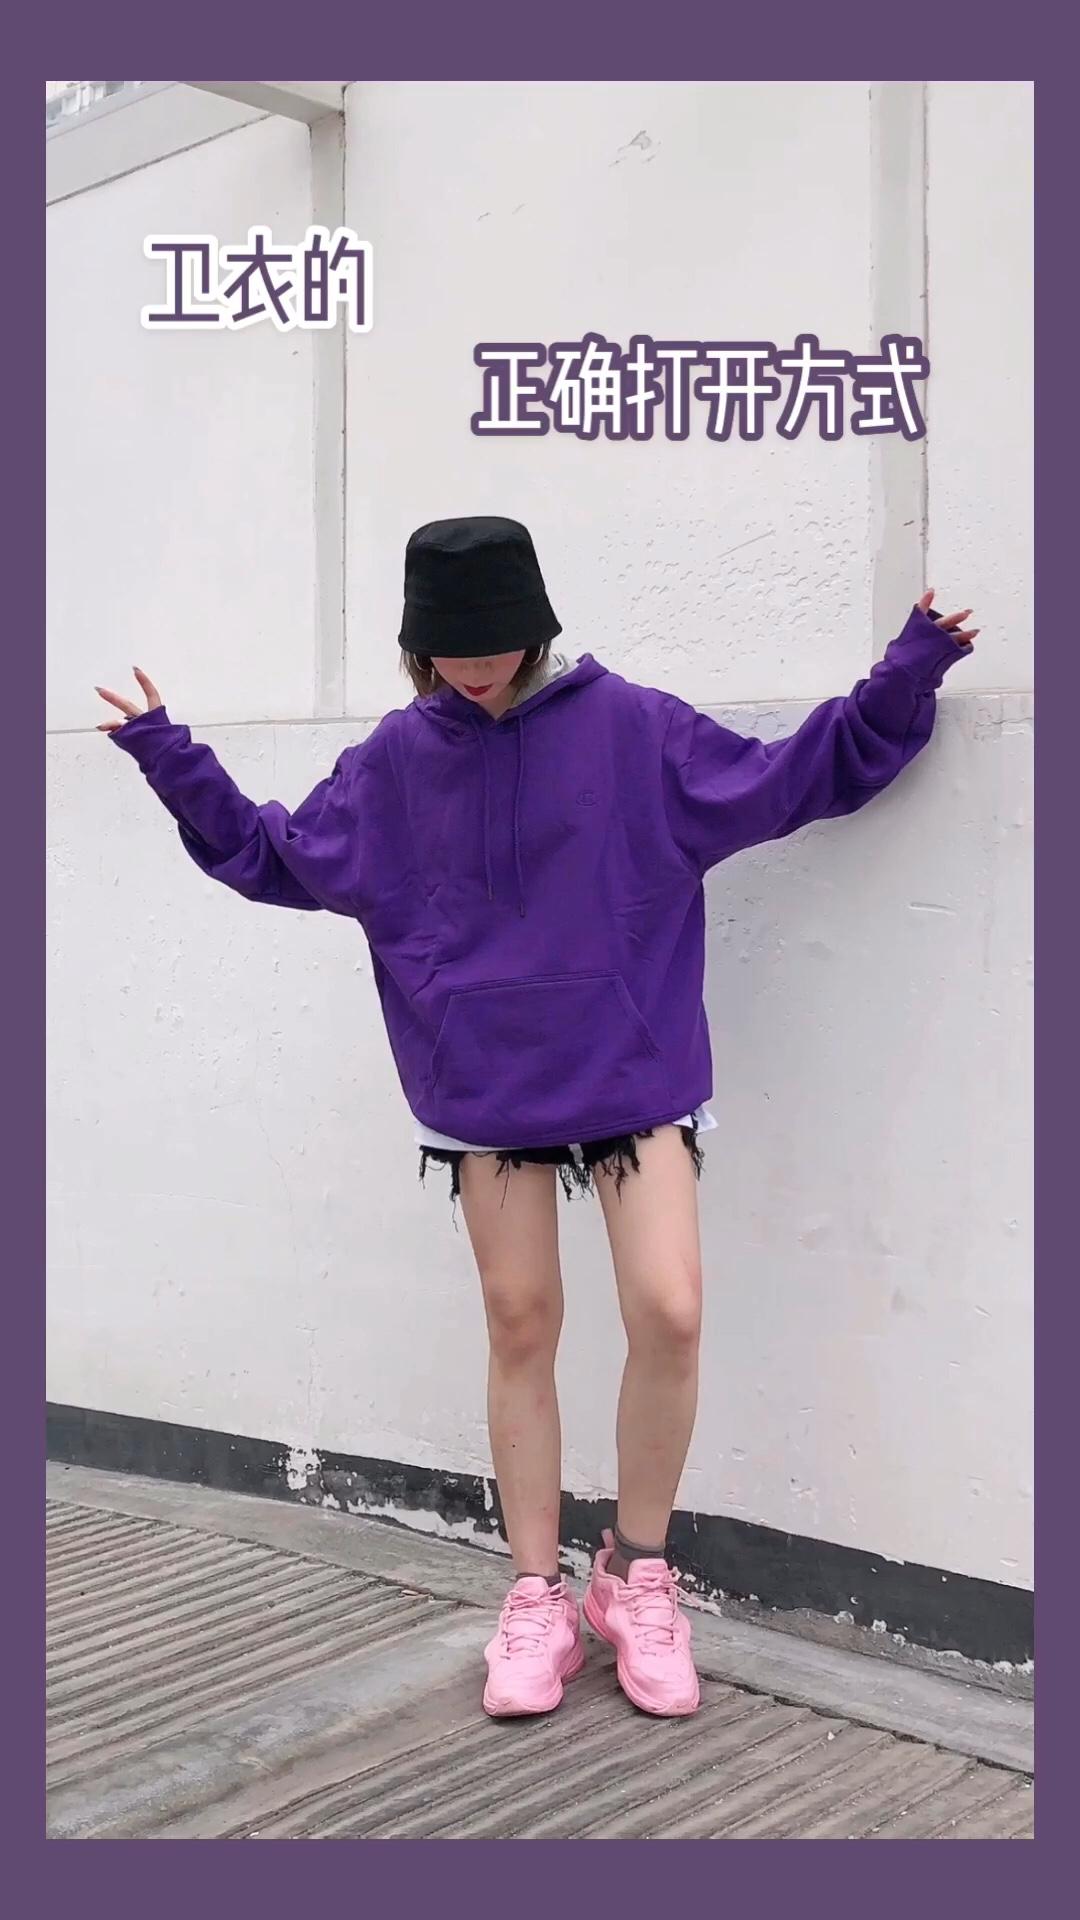 小王同学穿搭分享 九月 卫衣的季节来啦 紫色一向是比较靓的颜色 卫衣冠军卫衣永远的经典 连帽卫衣搭配短裤  显腿细 鞋子搭配了粉色 和紫色配起来很少女哦 搭配盆帽更酷#秋装上新穿搭打卡#